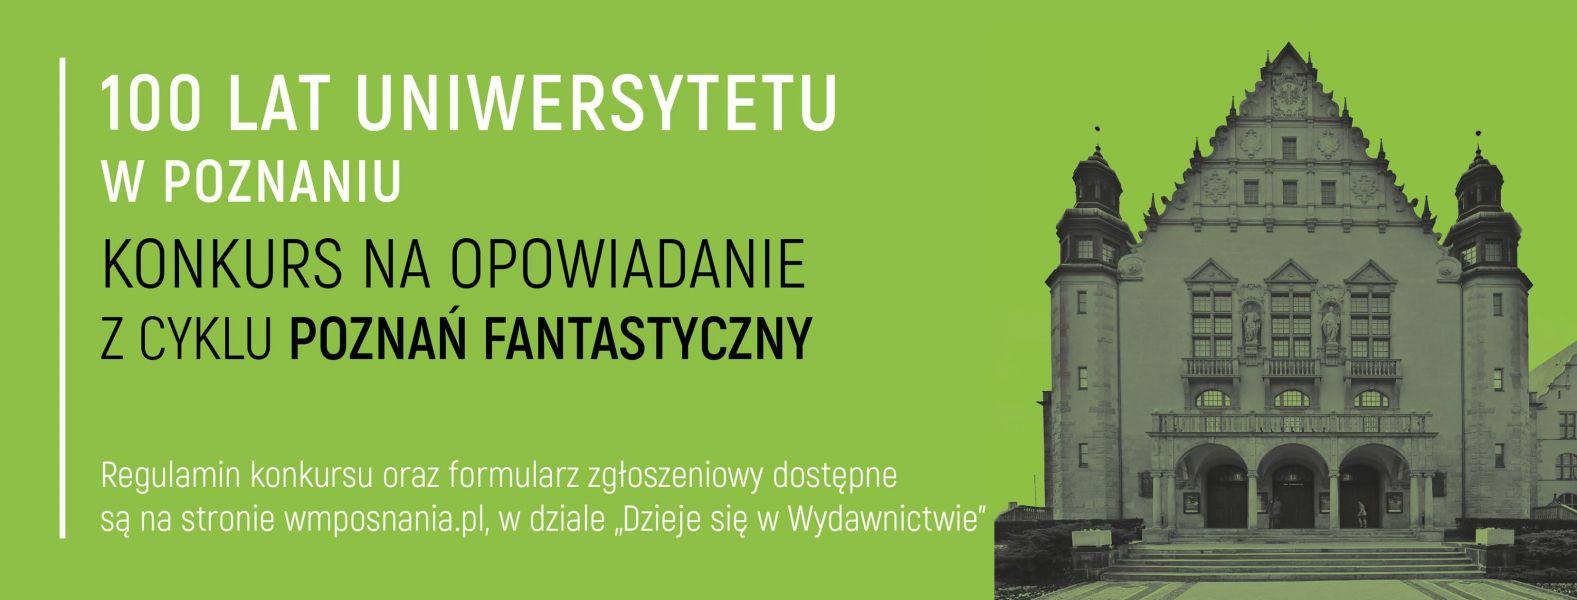 Poznań fantastyczny